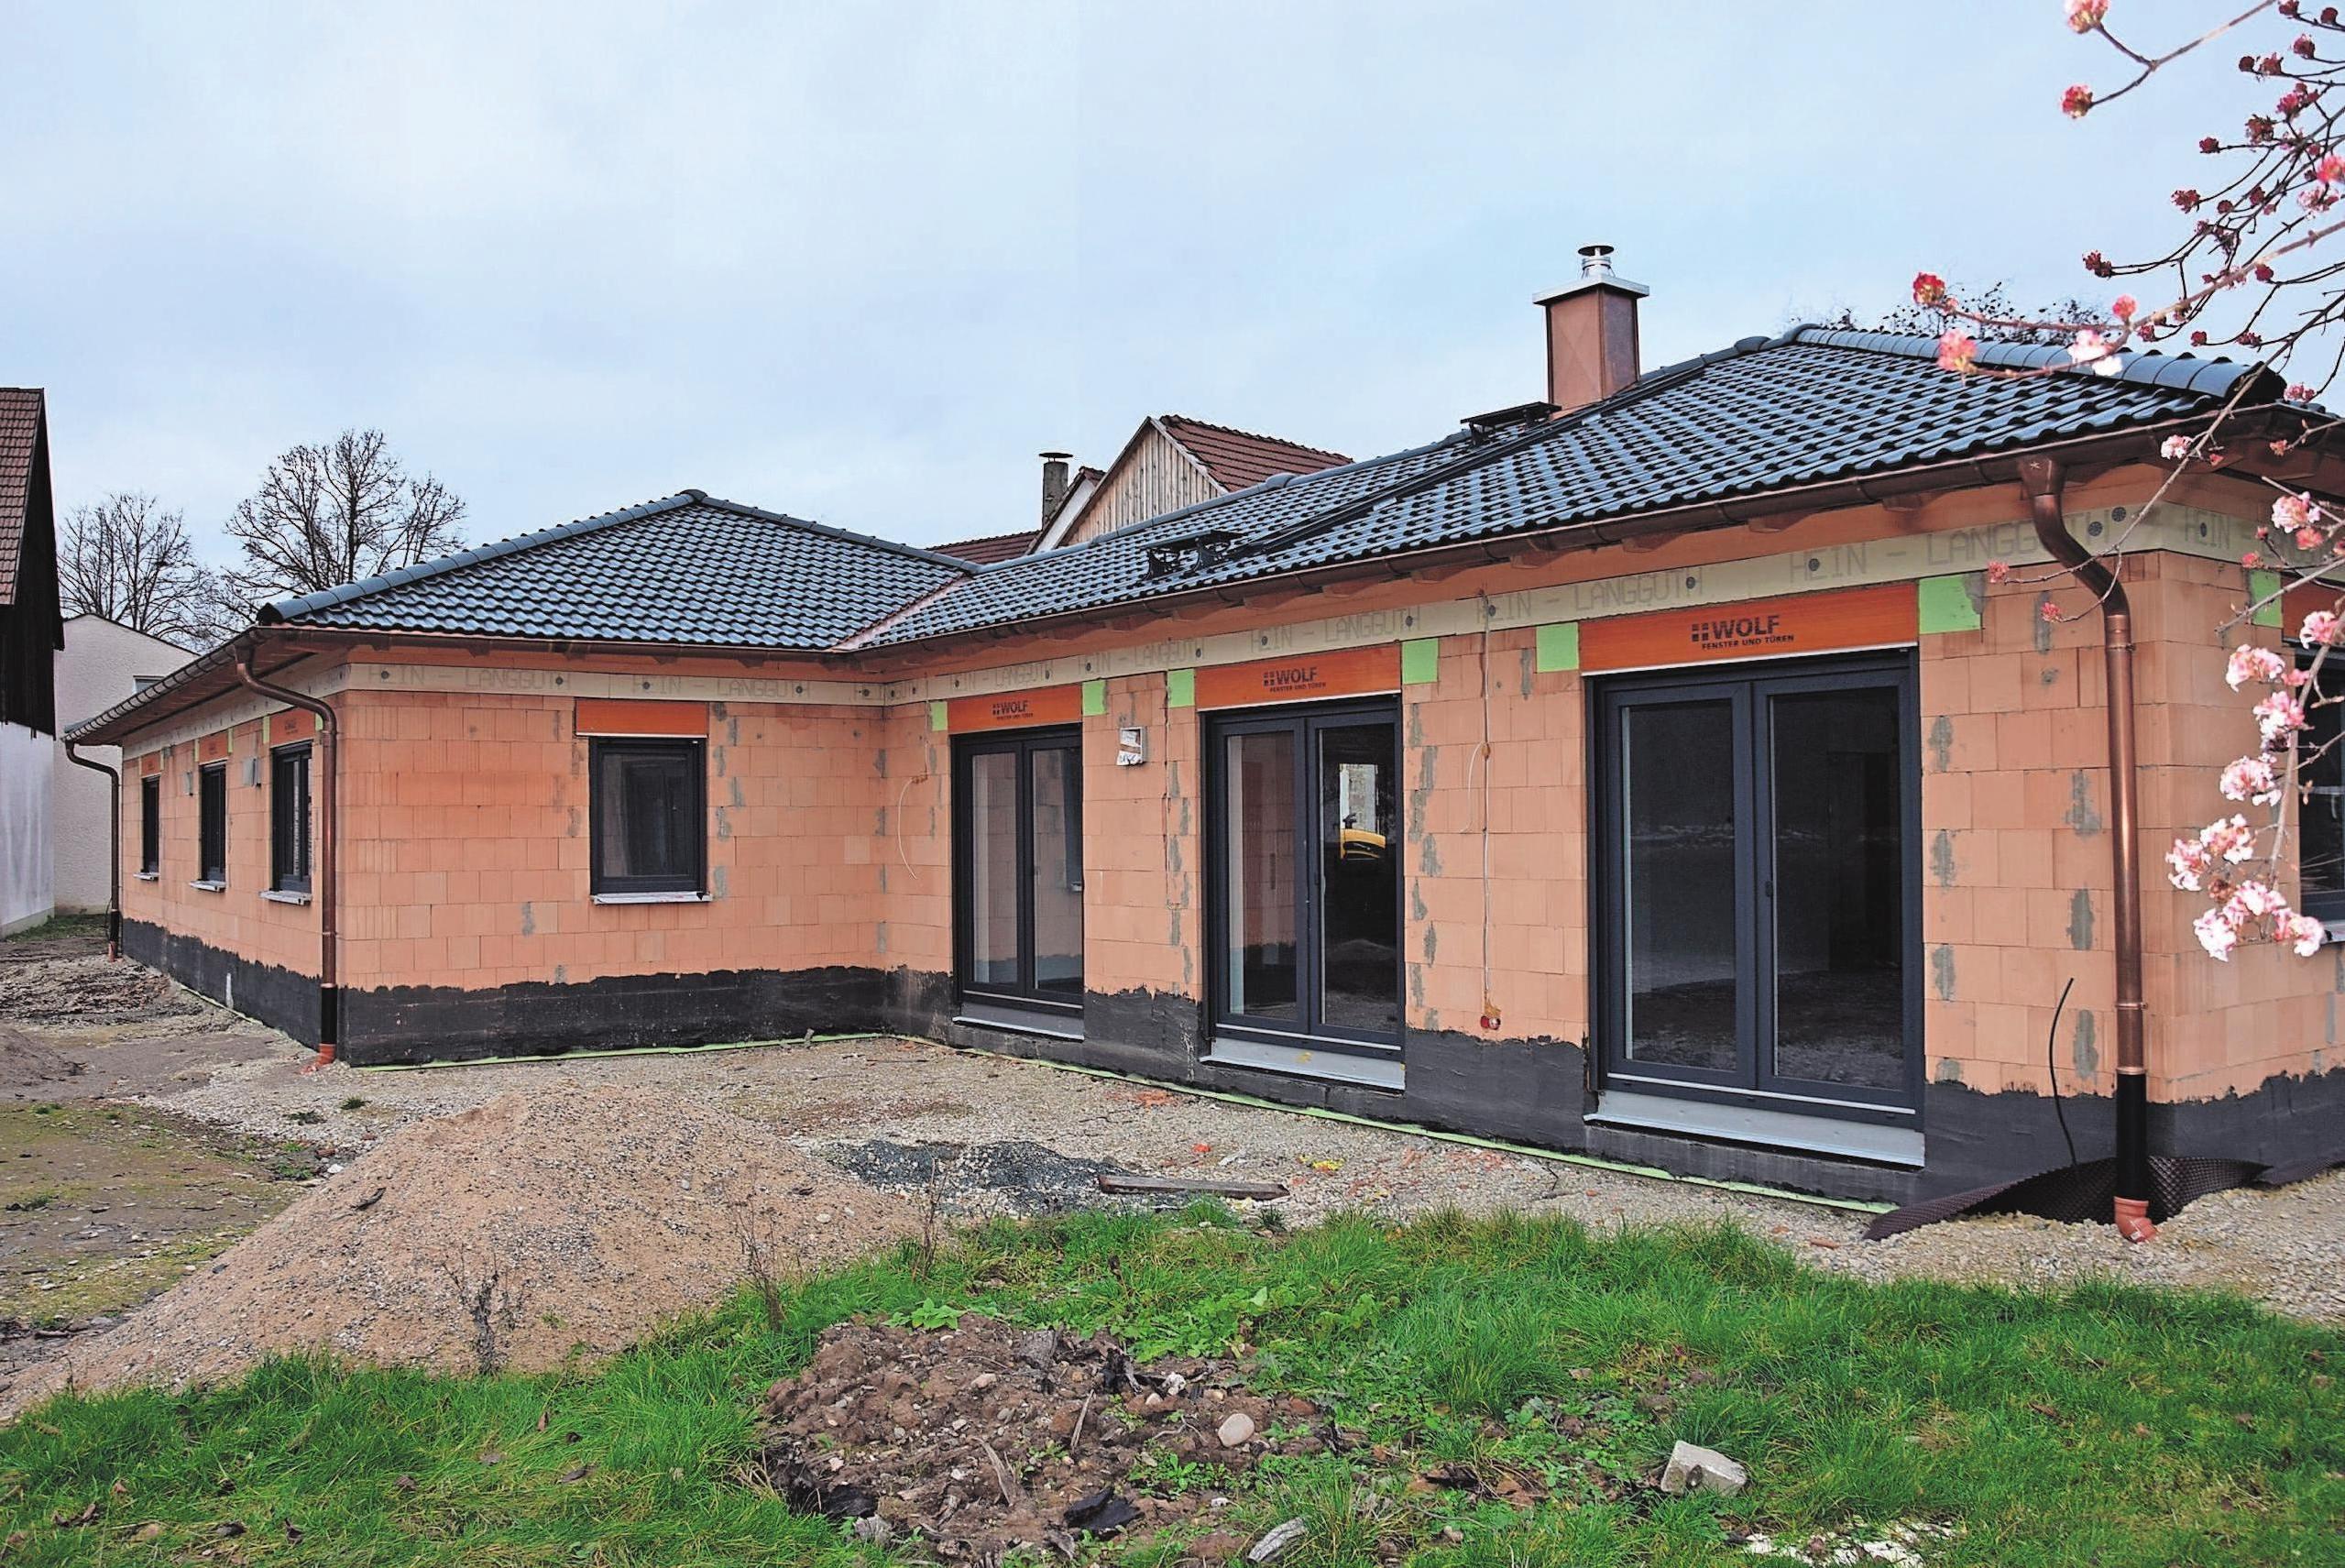 Bei der individuellen Planung berücksichtigte Kröckel-Bau die persönlichen Wohnwünsche des Bauherren. Fotos: Helga Schmidt